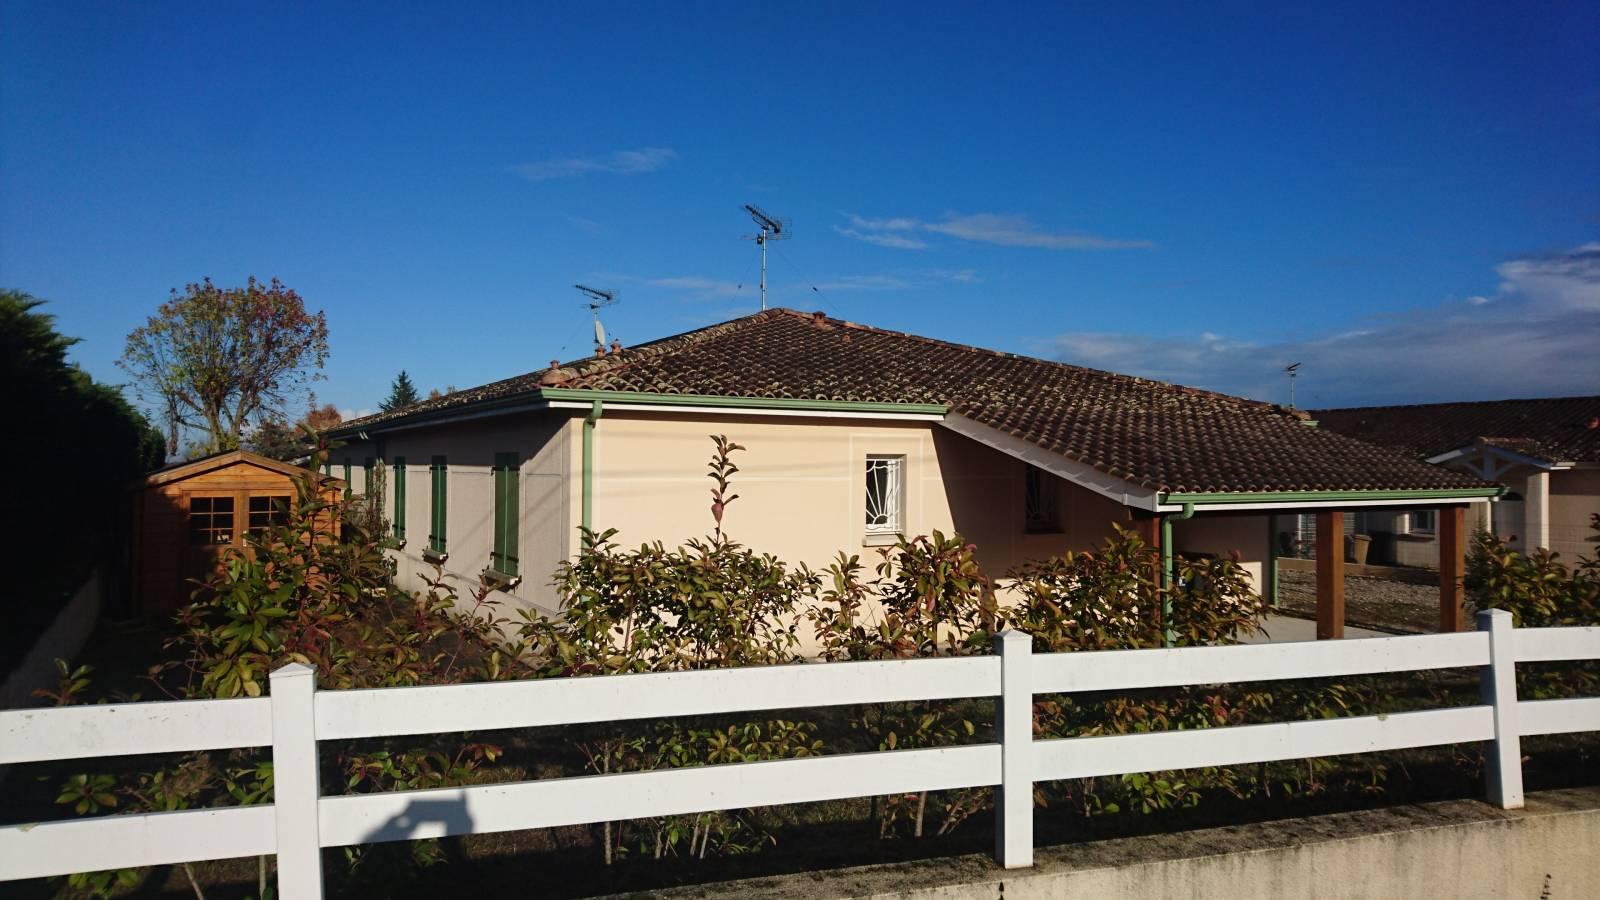 Vendre maison de plain pied avec garage et jardin proche de bordeaux rival immobilier - Maison jardin public bordeaux vendre tours ...